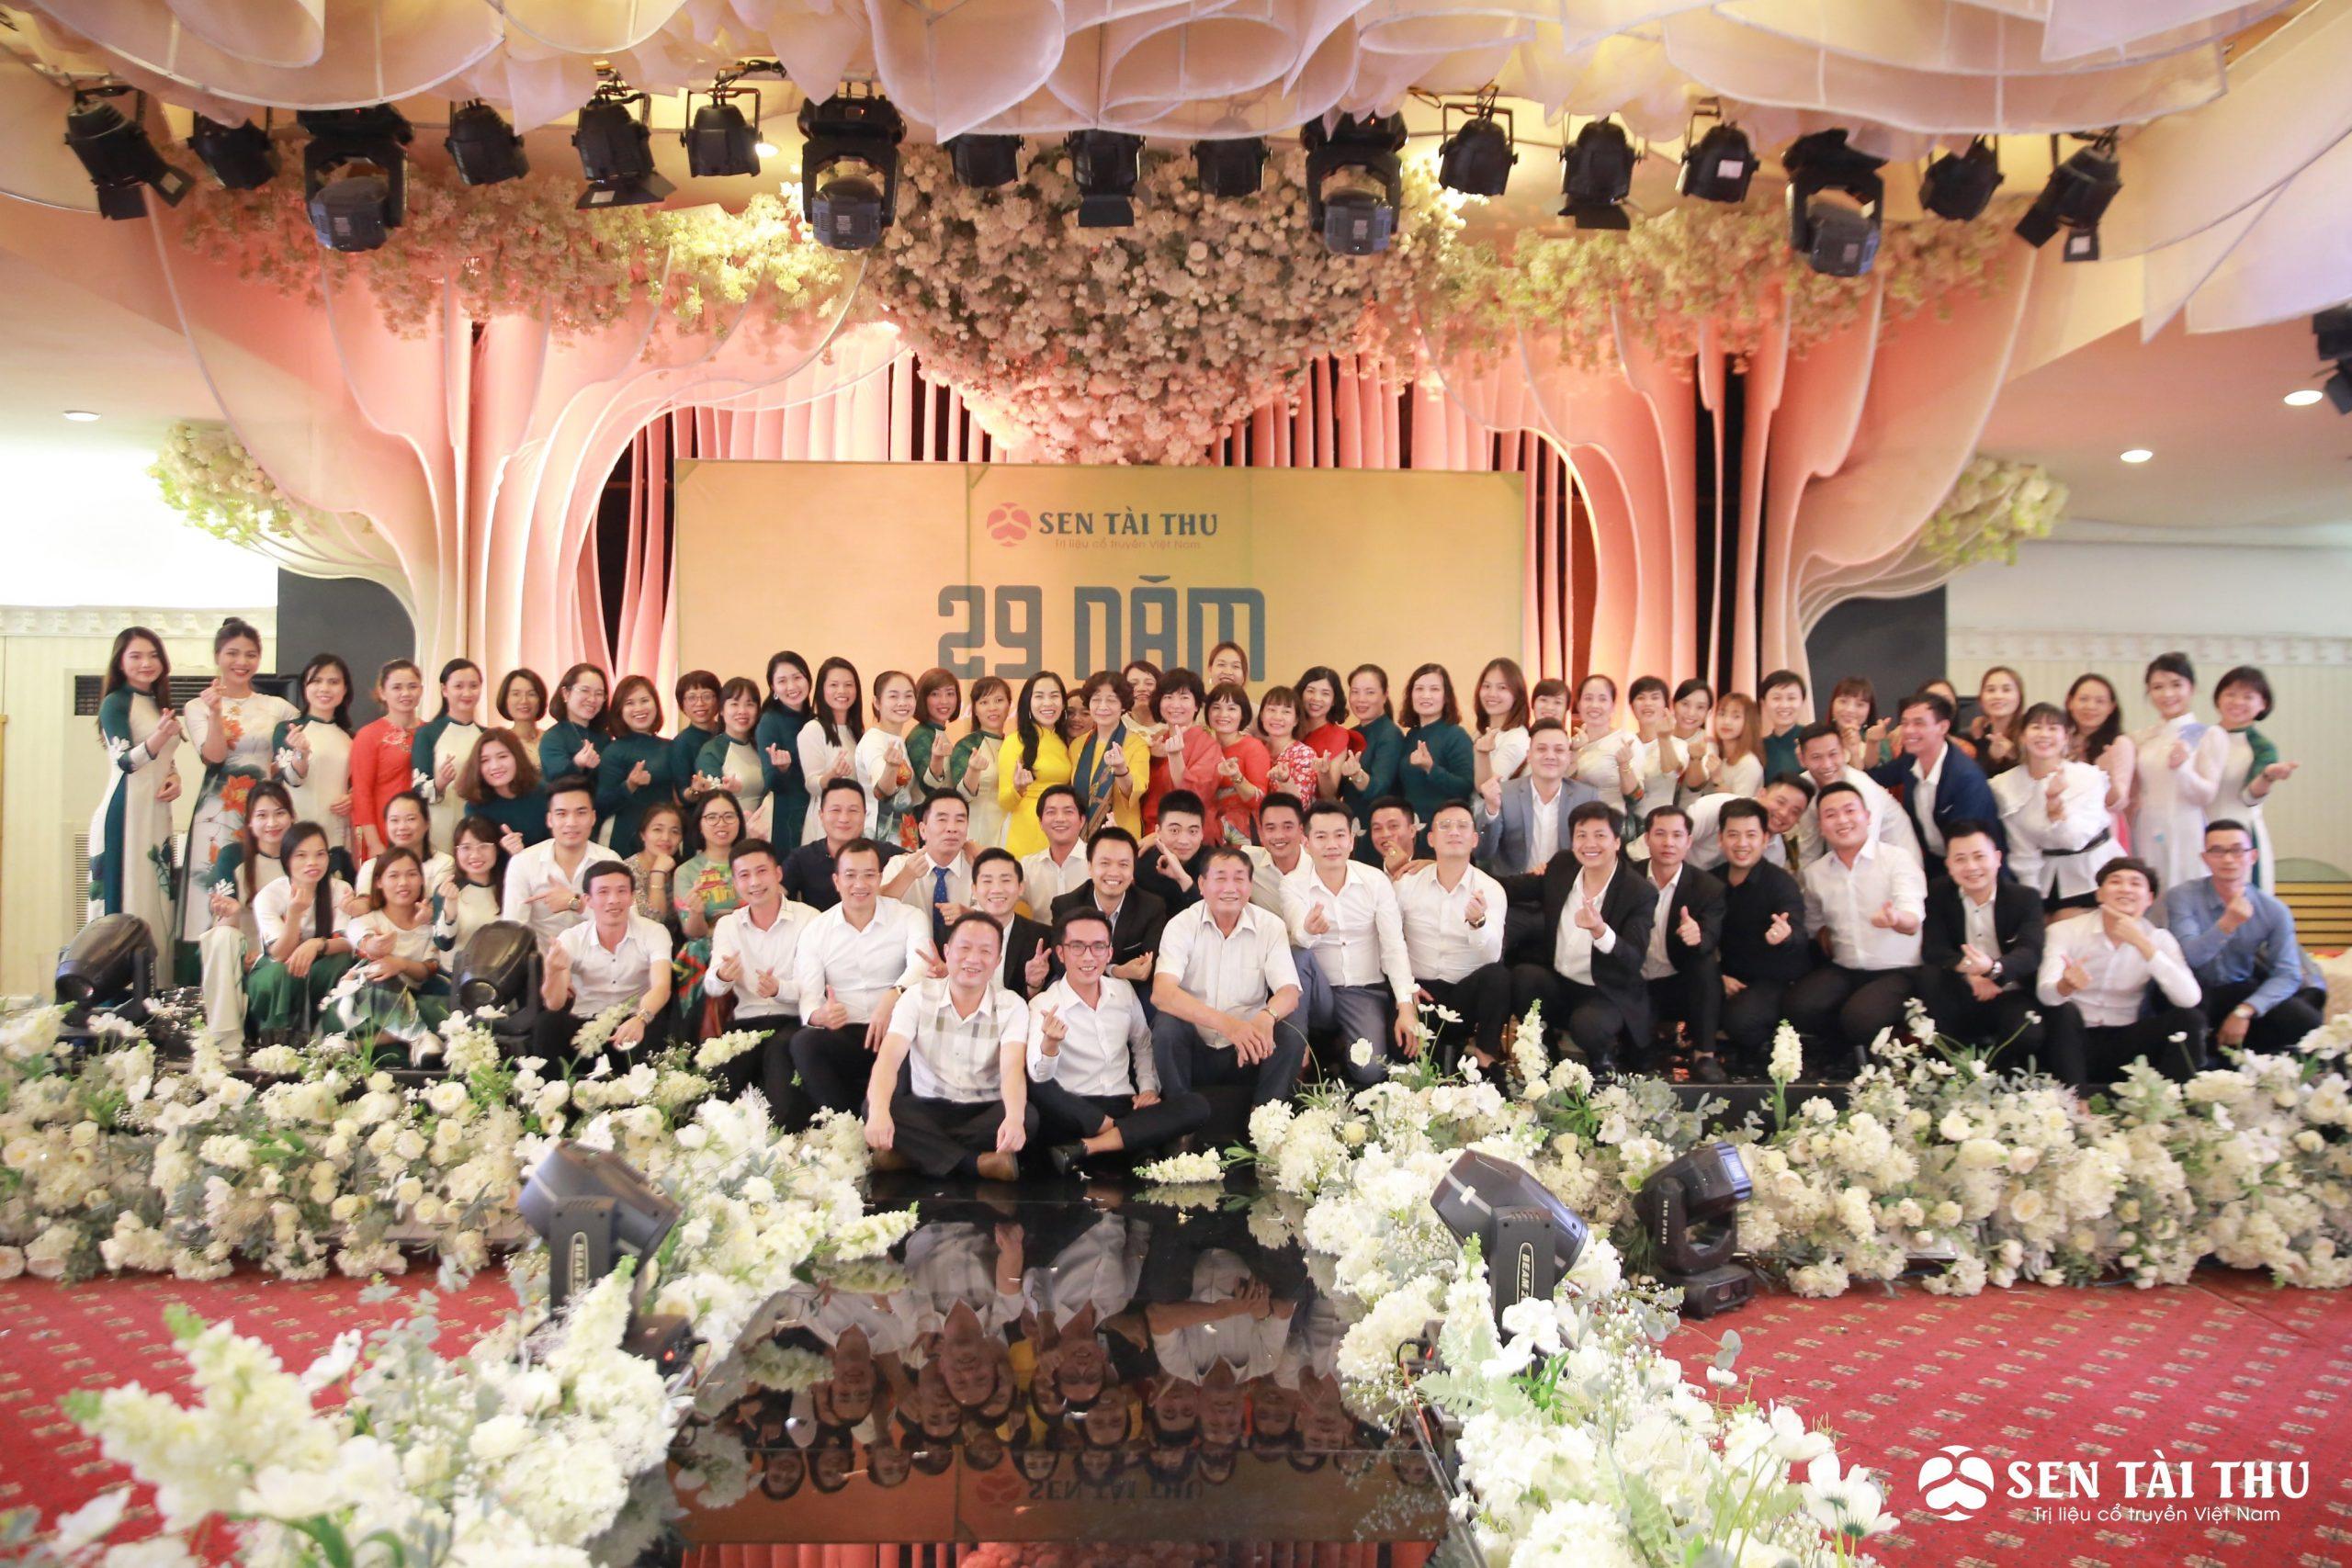 Tập Đoàn Sen Tài Thu Việt Nam - Hành trình 29 năm - 5